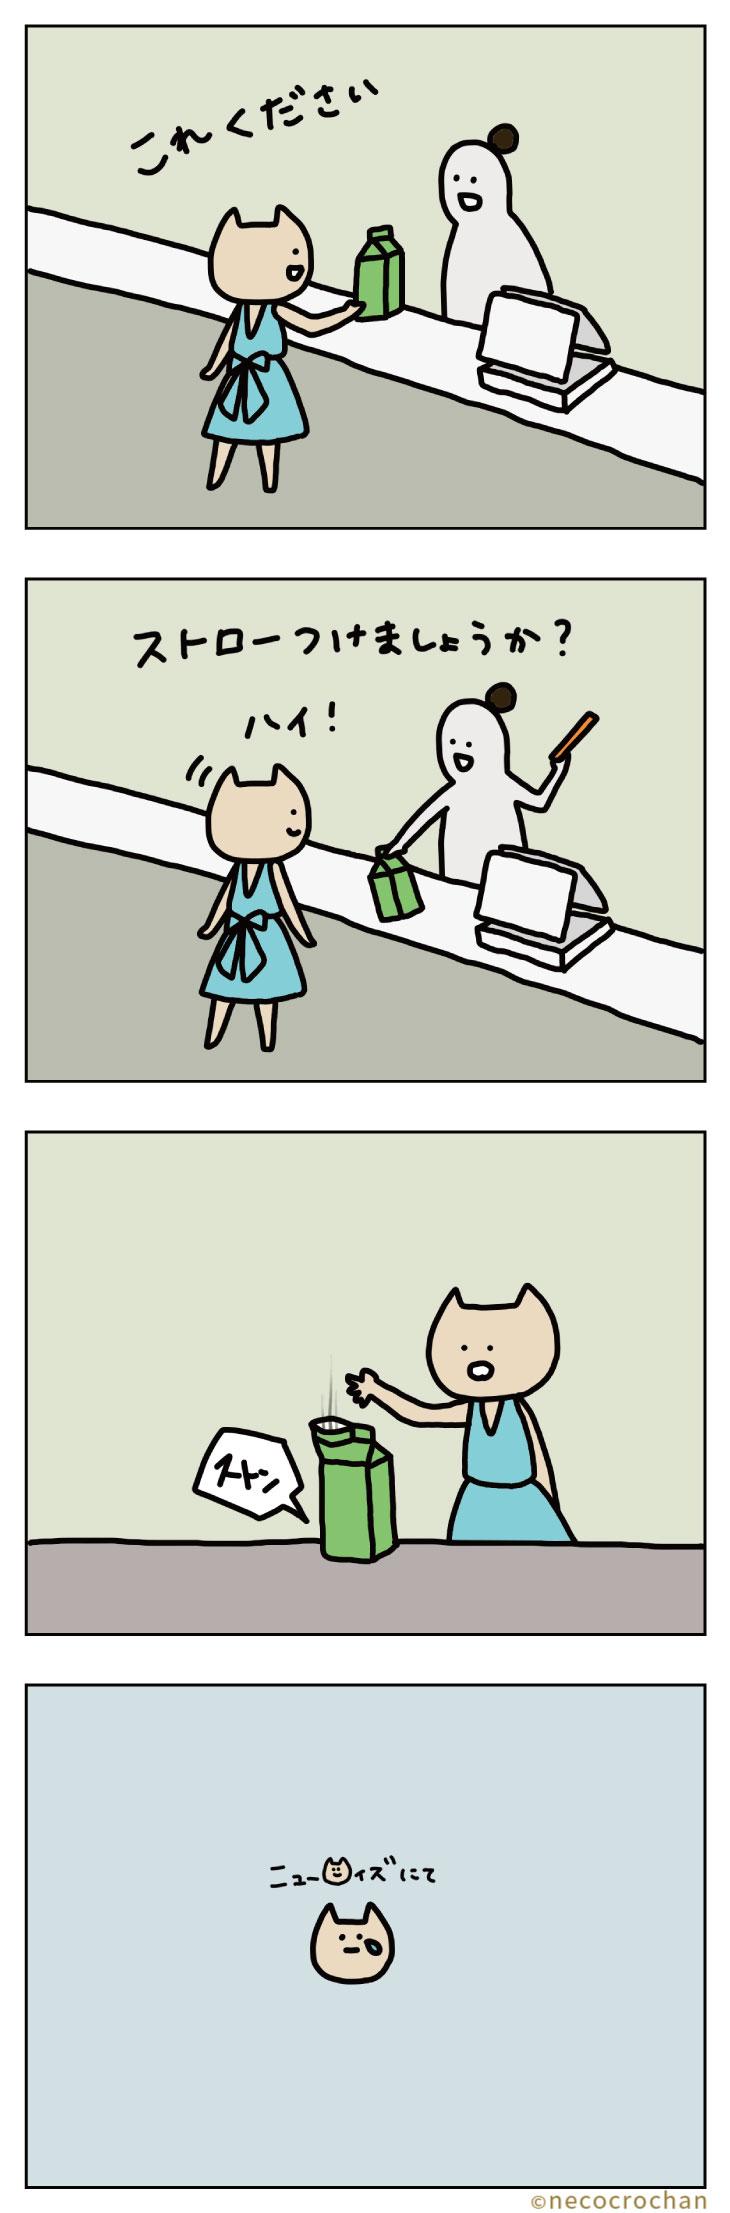 4コマ漫画ねこくろにっき「パックのおちゃ」